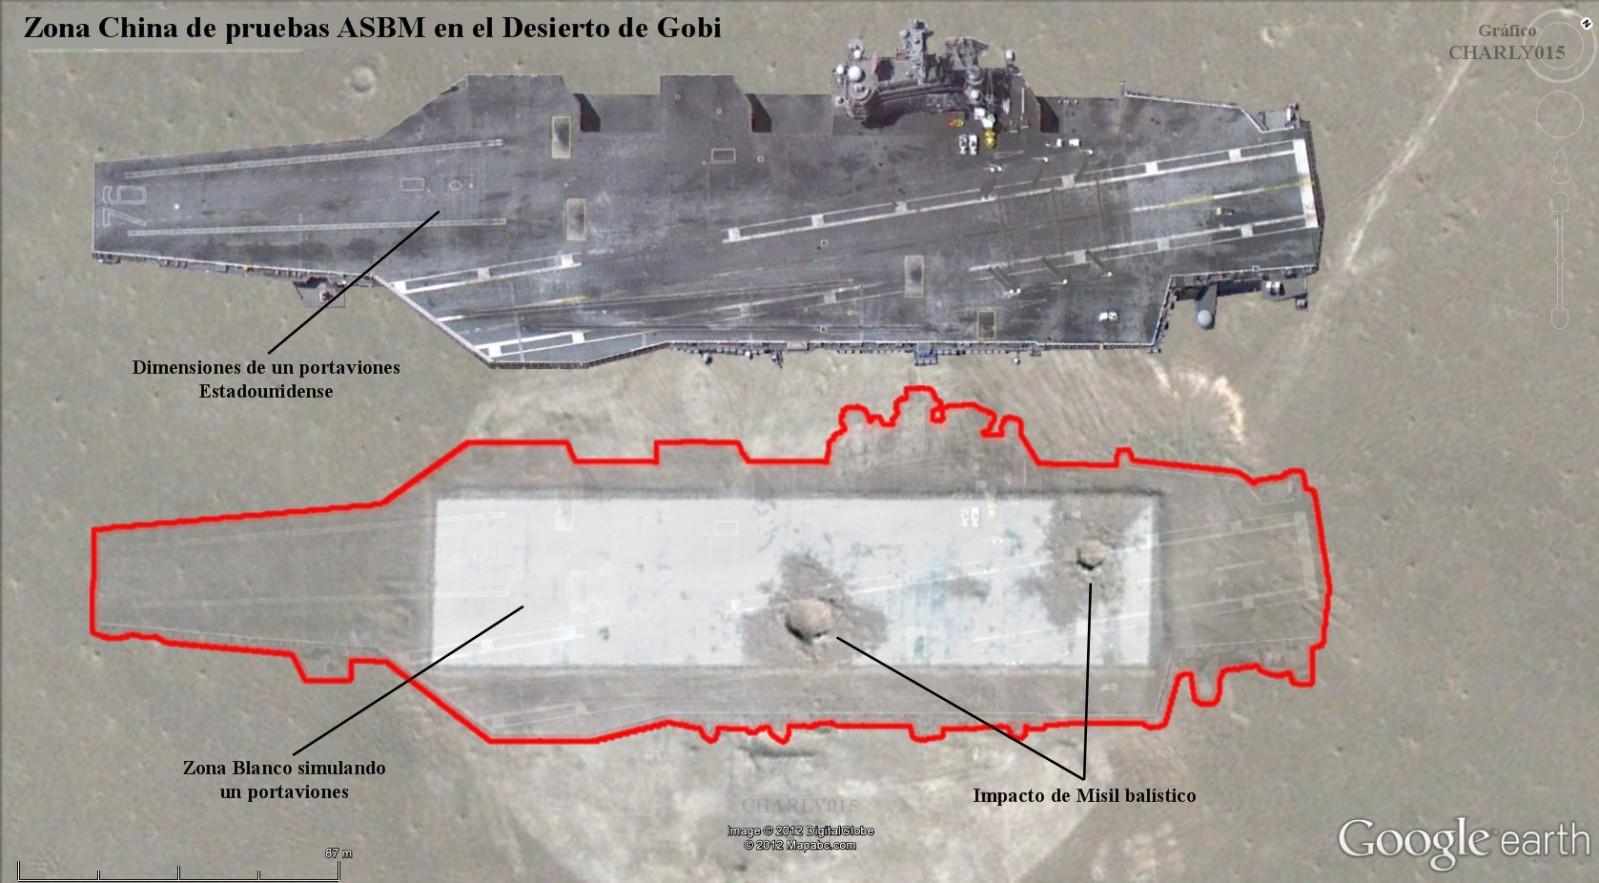 中国が対艦弾道ミサイル「DF-21D」を地上固定目標に試射? : 海国防衛 ...